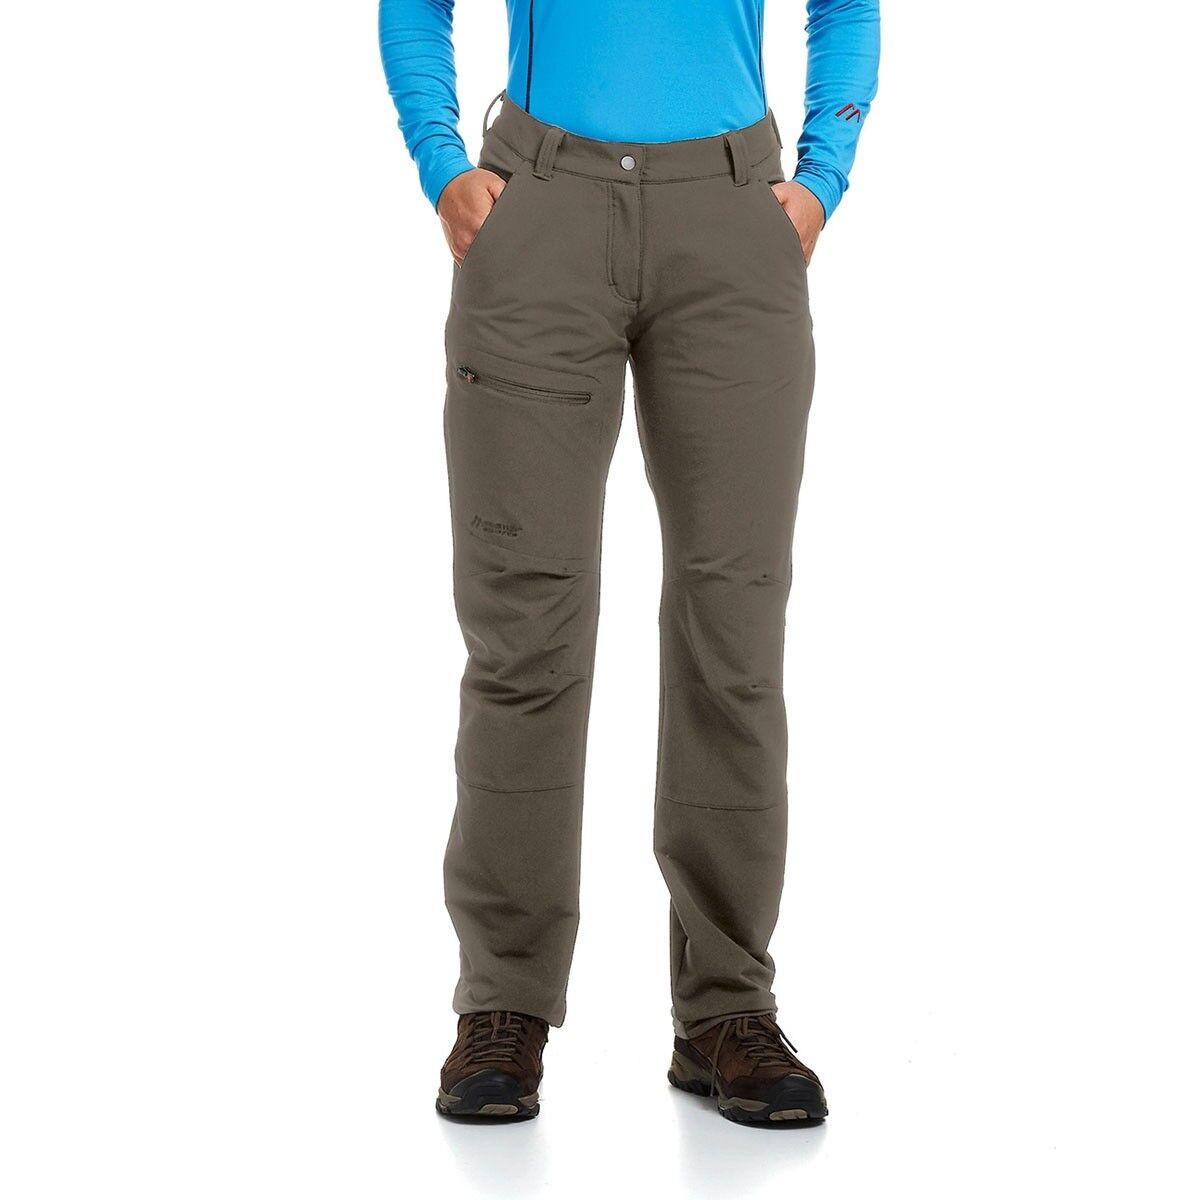 Maier Sports Helga señora invierno pantalones Teak   calidad auténtica